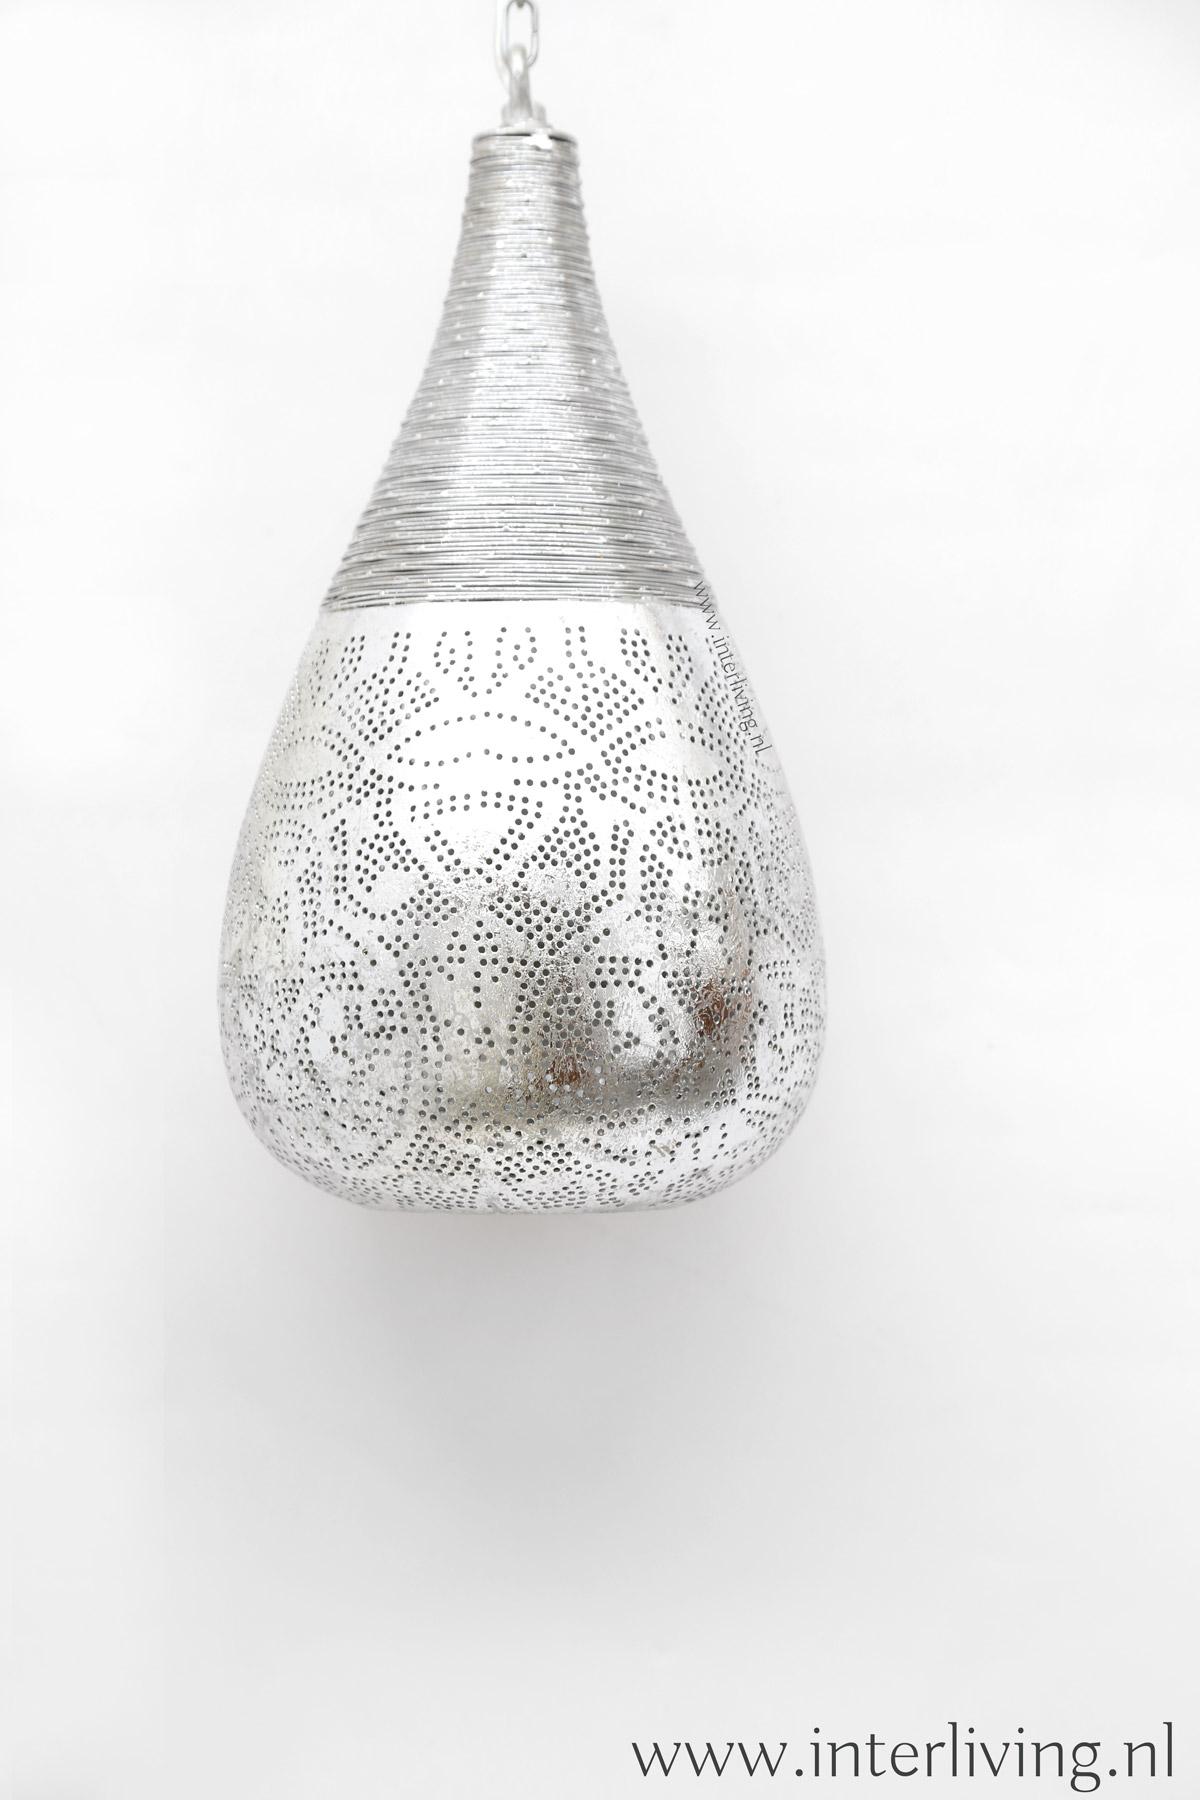 zilverkleurige lamp druppel vorm  - Marokkaanse stijl met gaatjespatronen